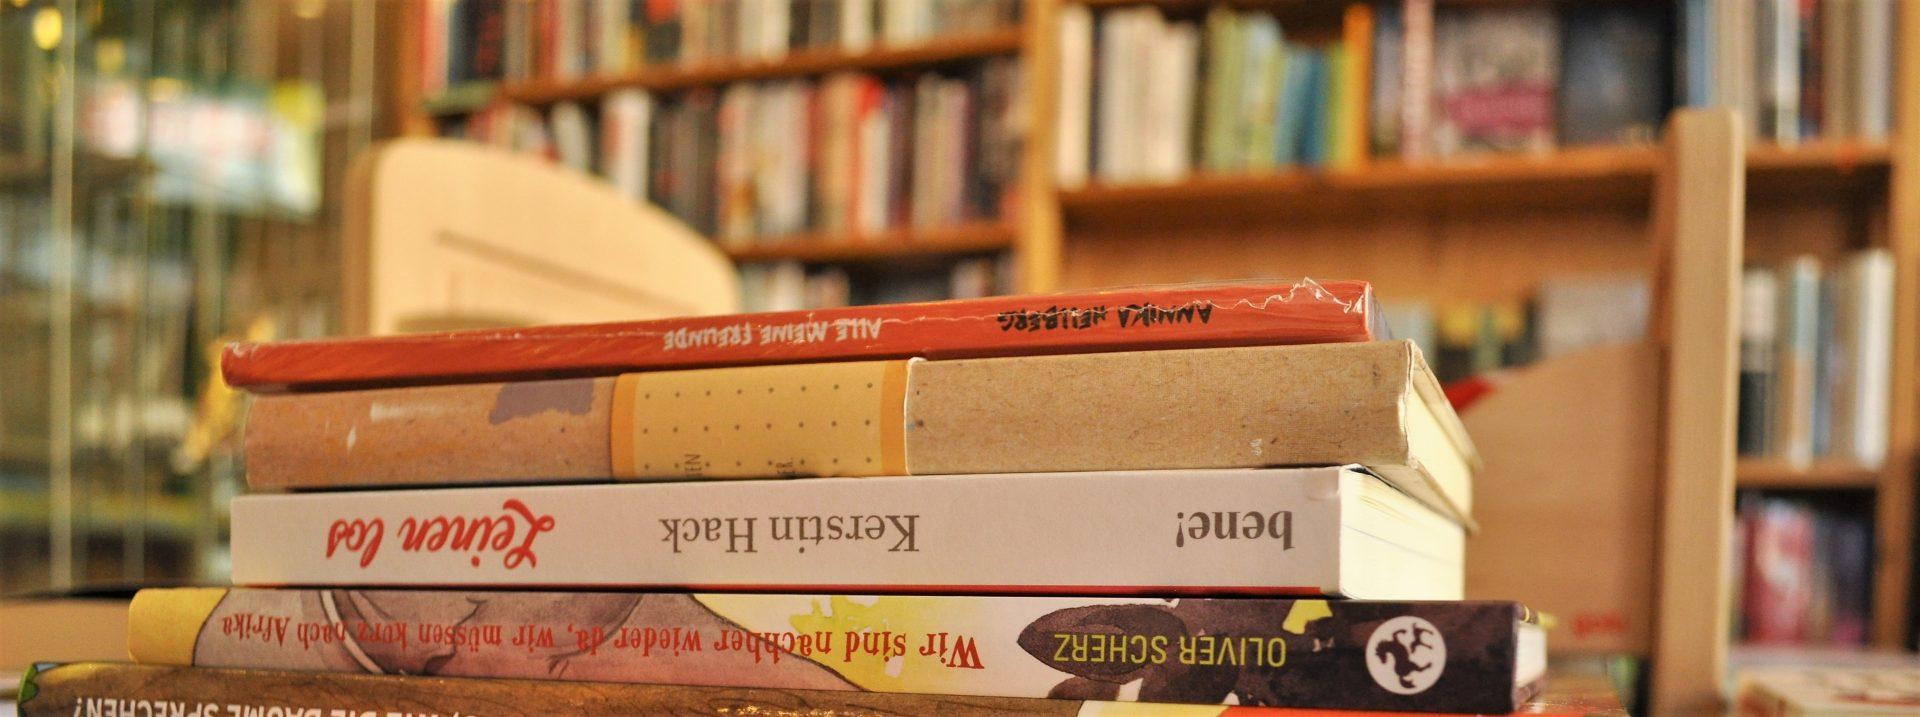 5 Bücher bei Dirk – la rentrée